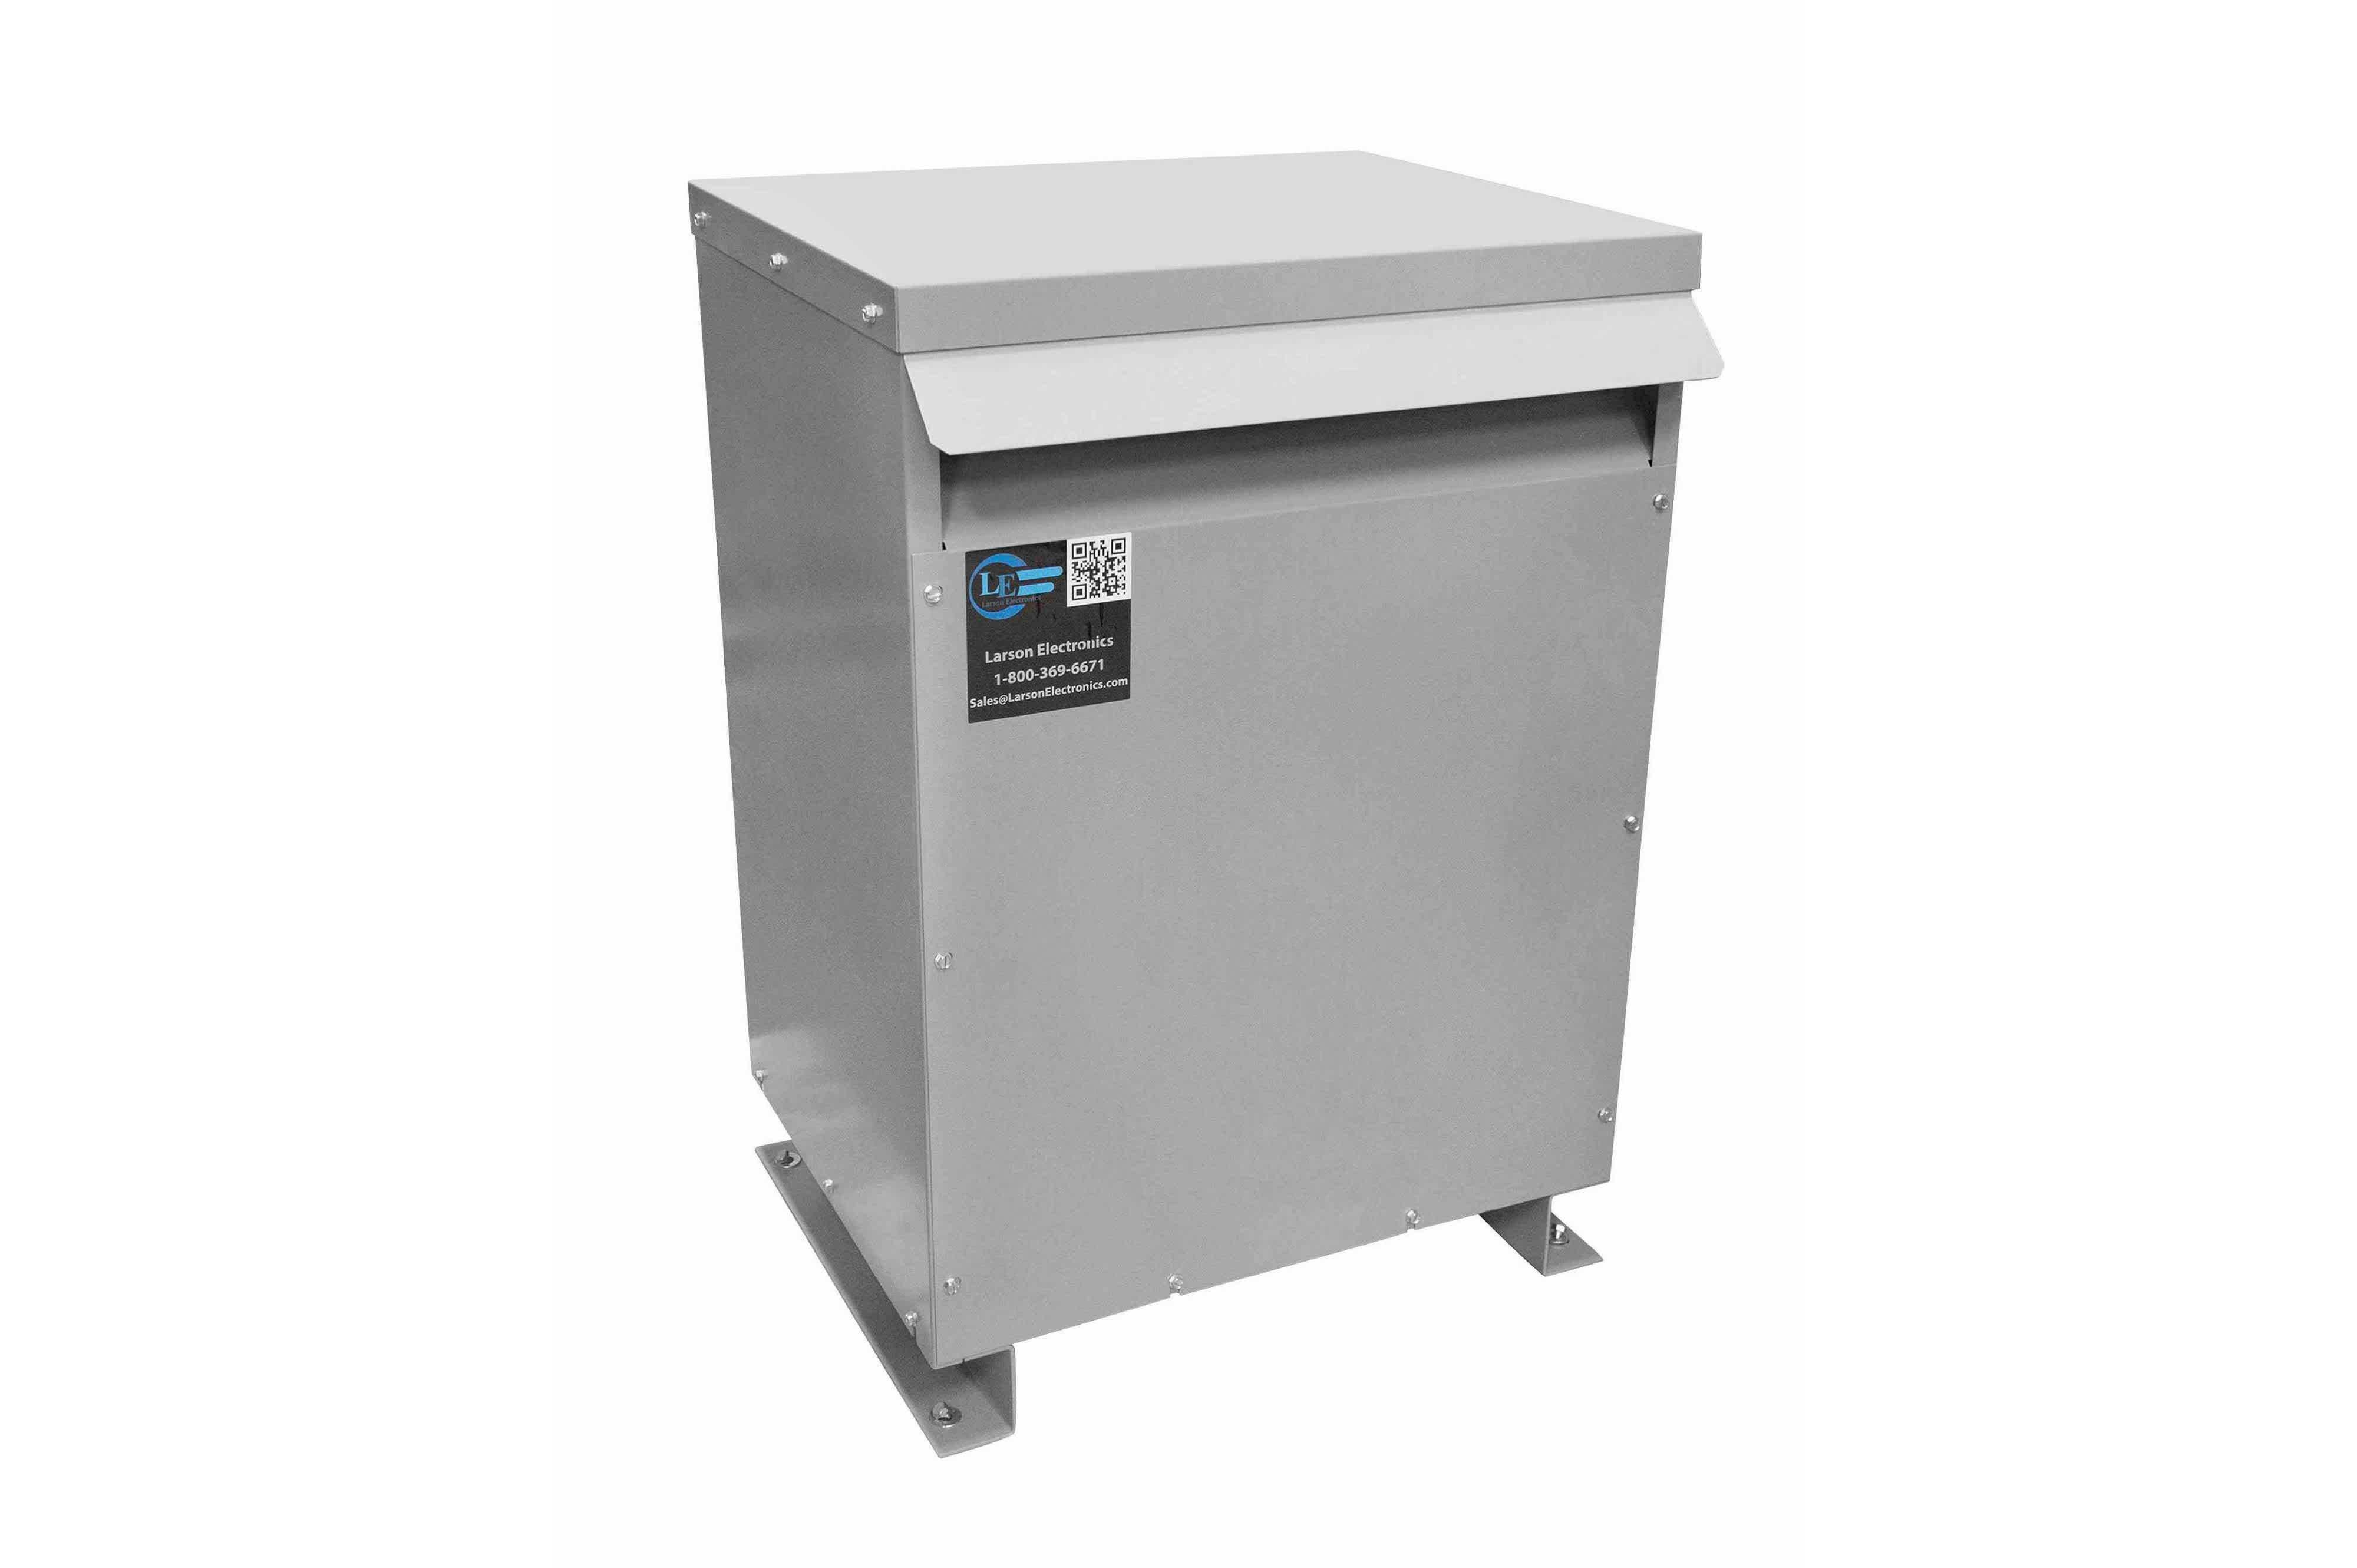 28 kVA 3PH Isolation Transformer, 460V Delta Primary, 400V Delta Secondary, N3R, Ventilated, 60 Hz